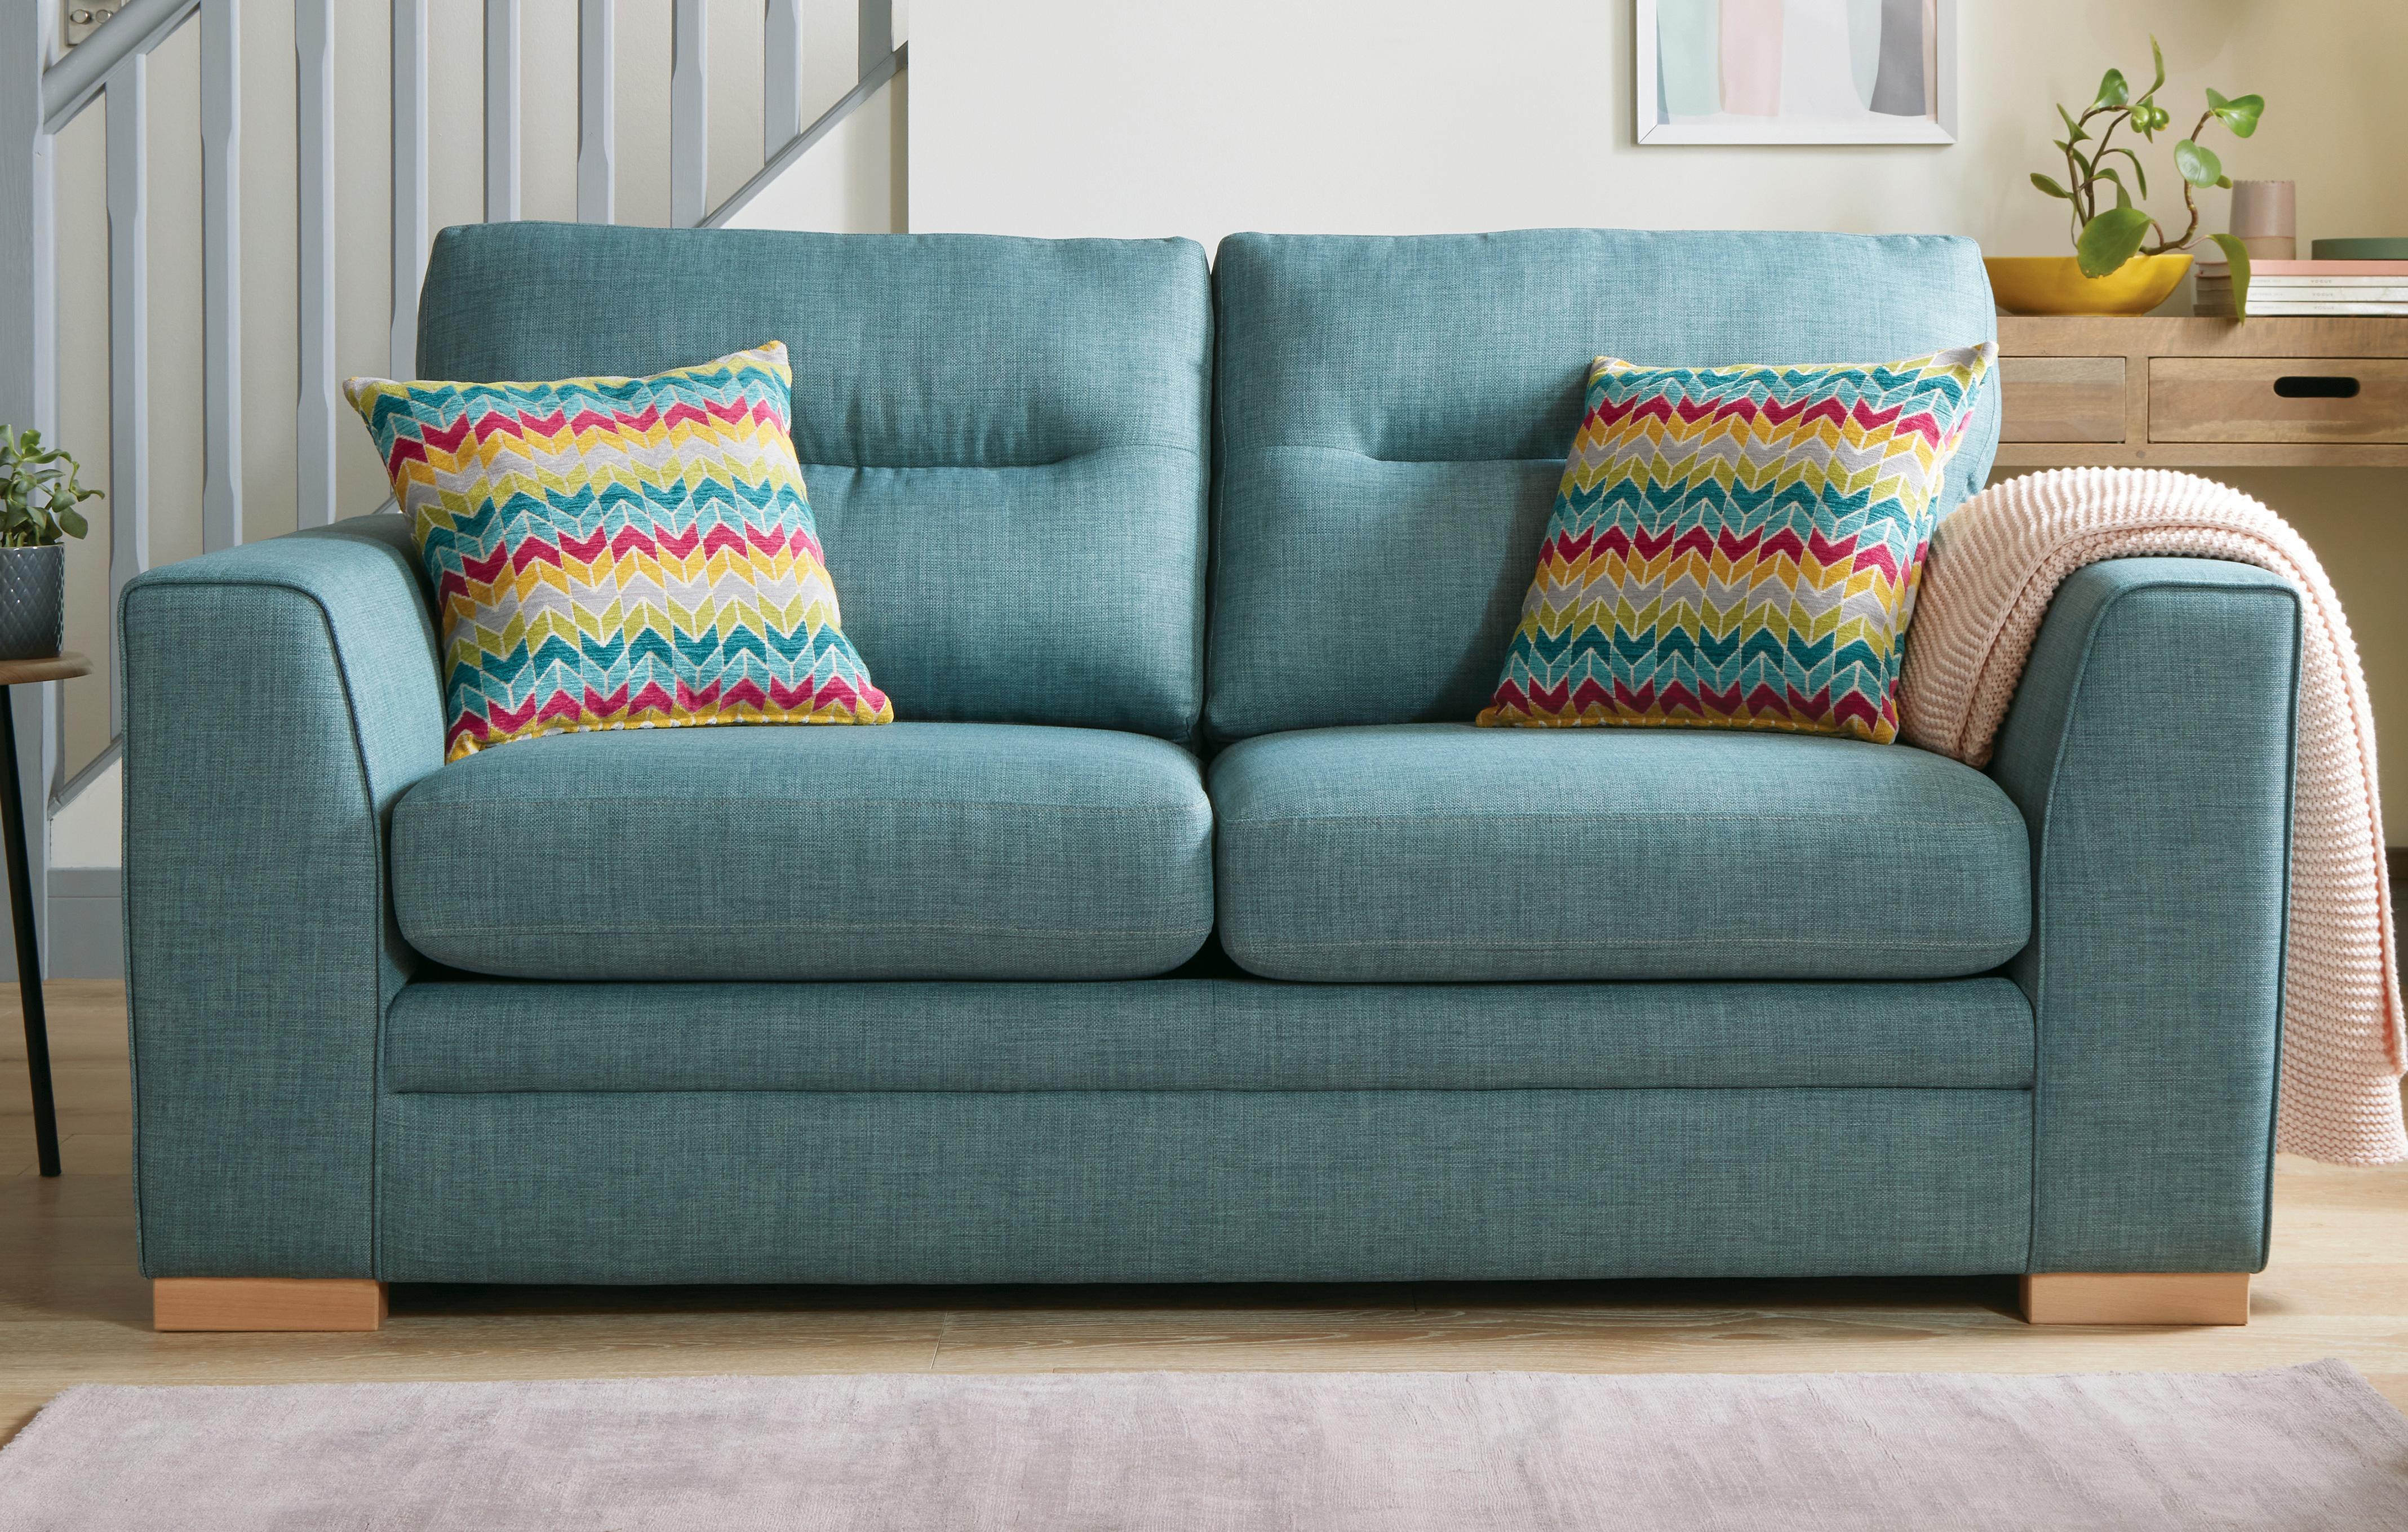 Zinc Grey Sofa Dfs - healthsays.org